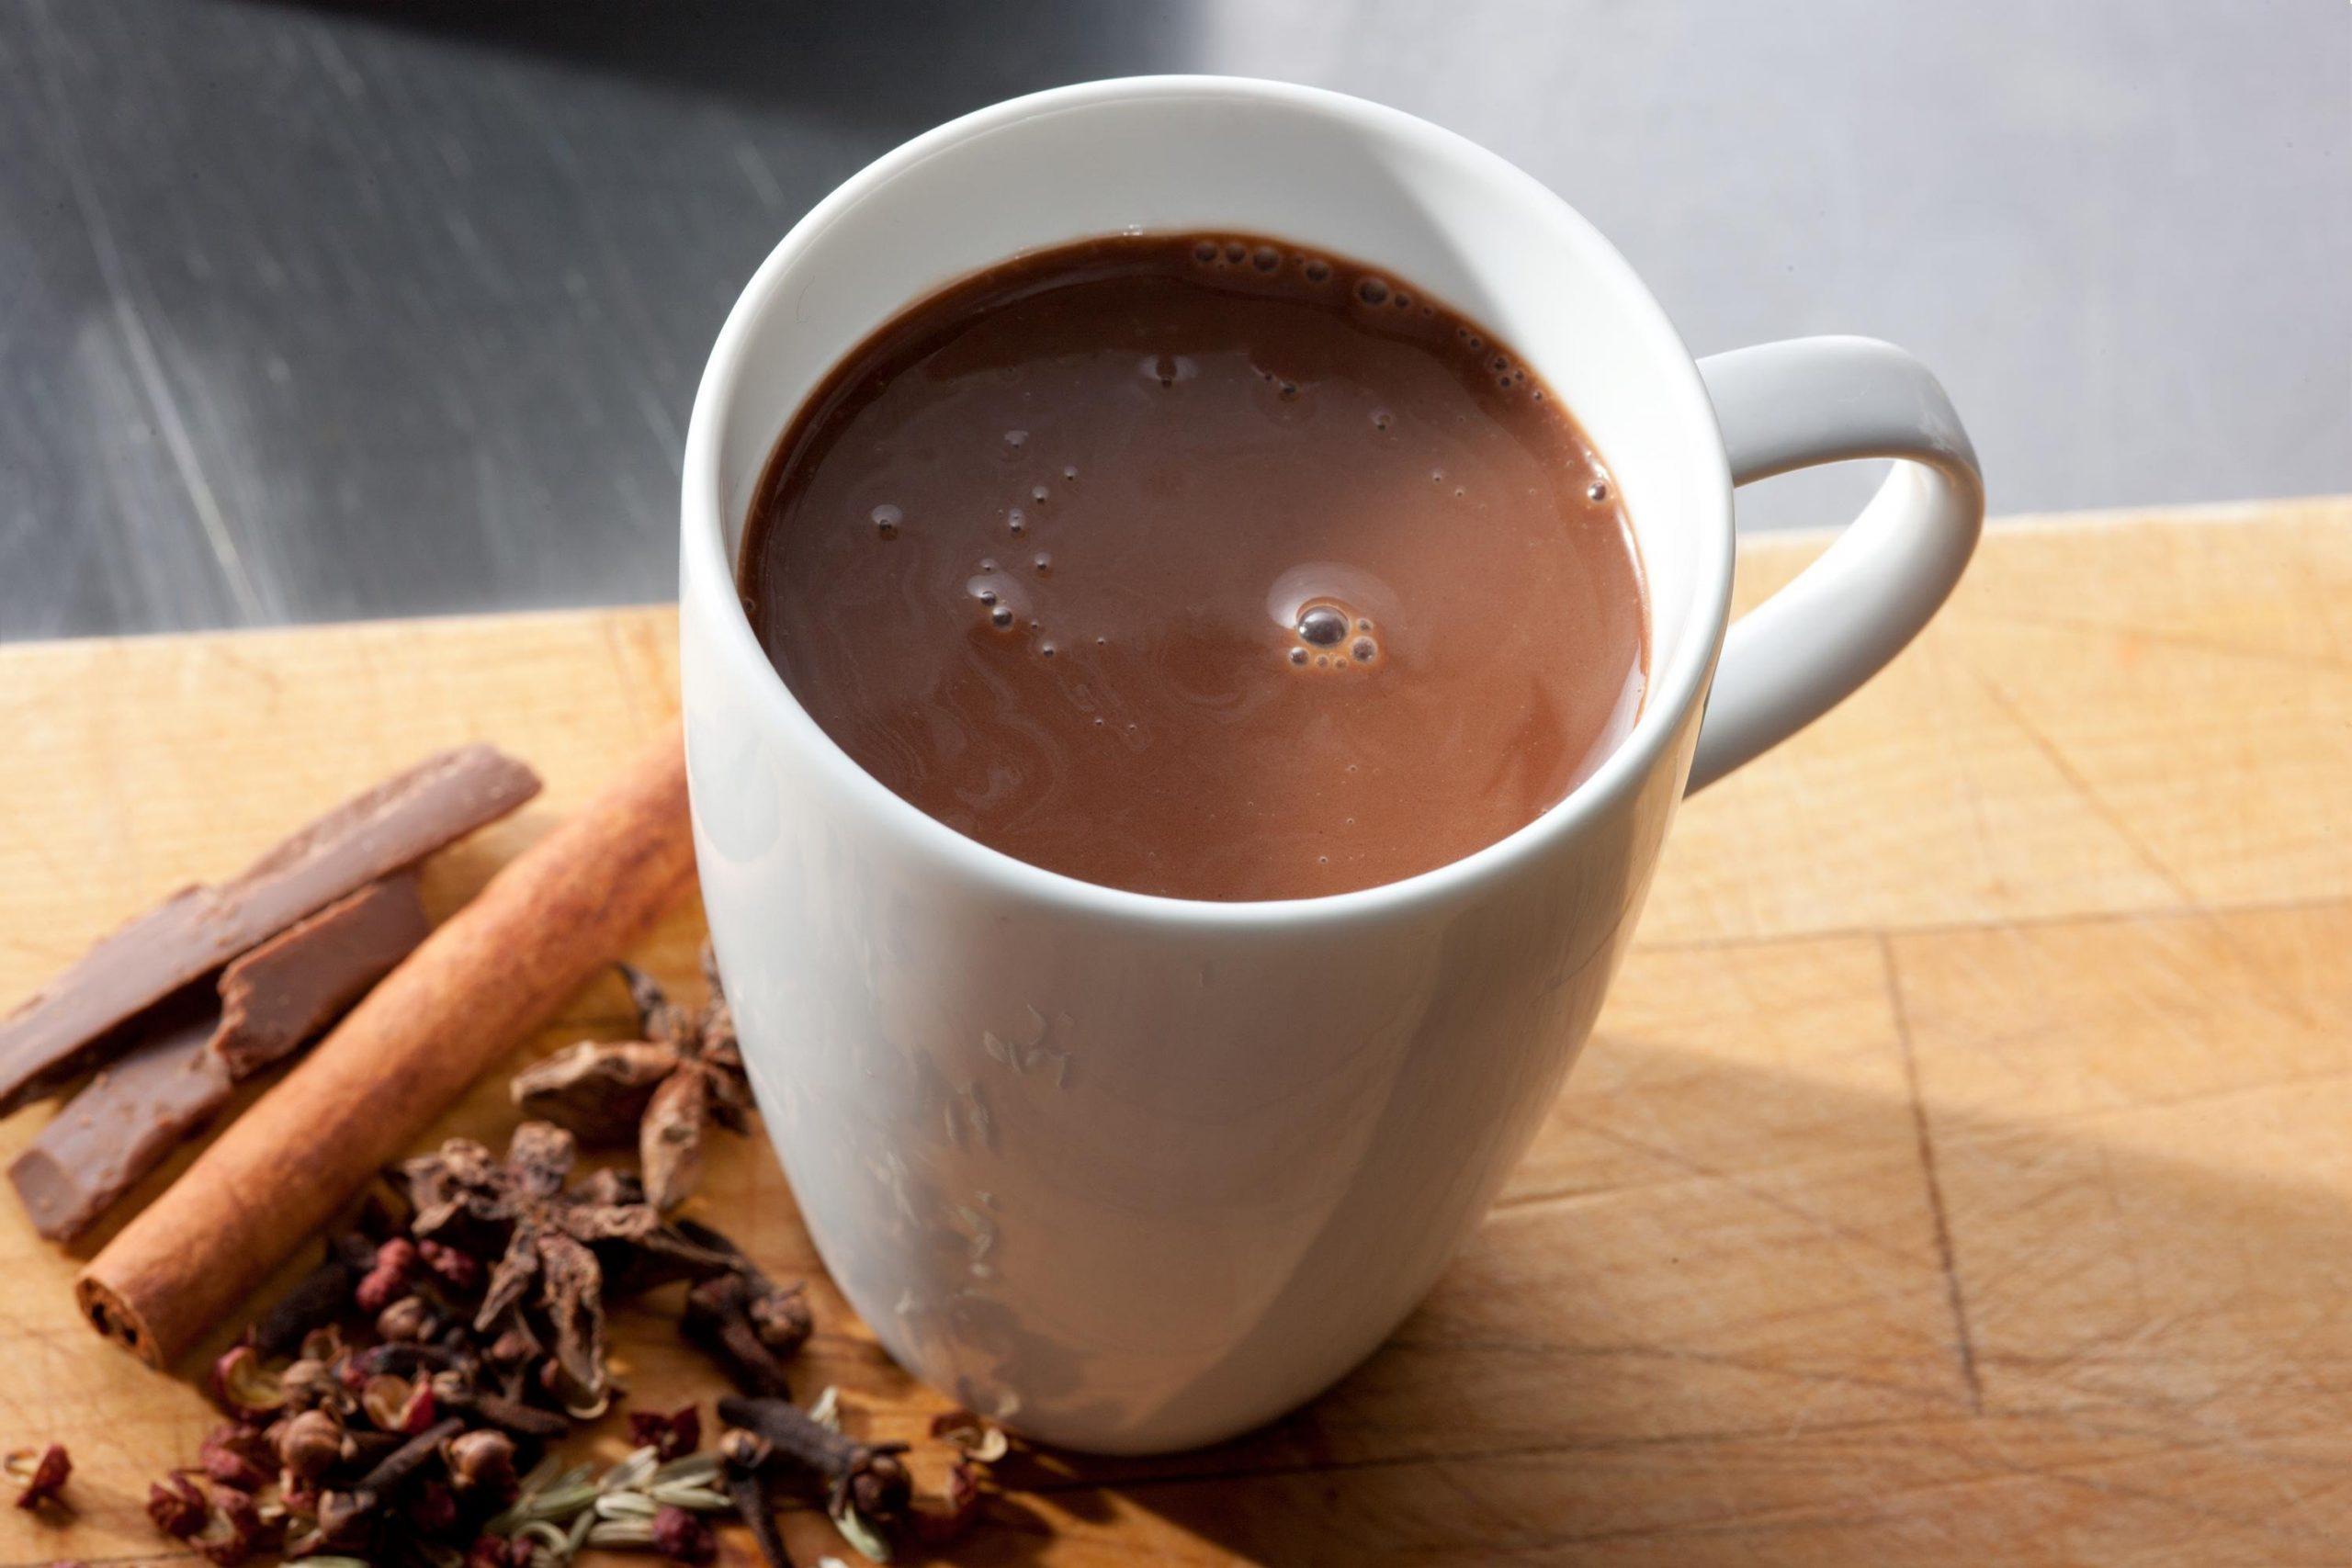 Фото горячий шоколадный напиток.